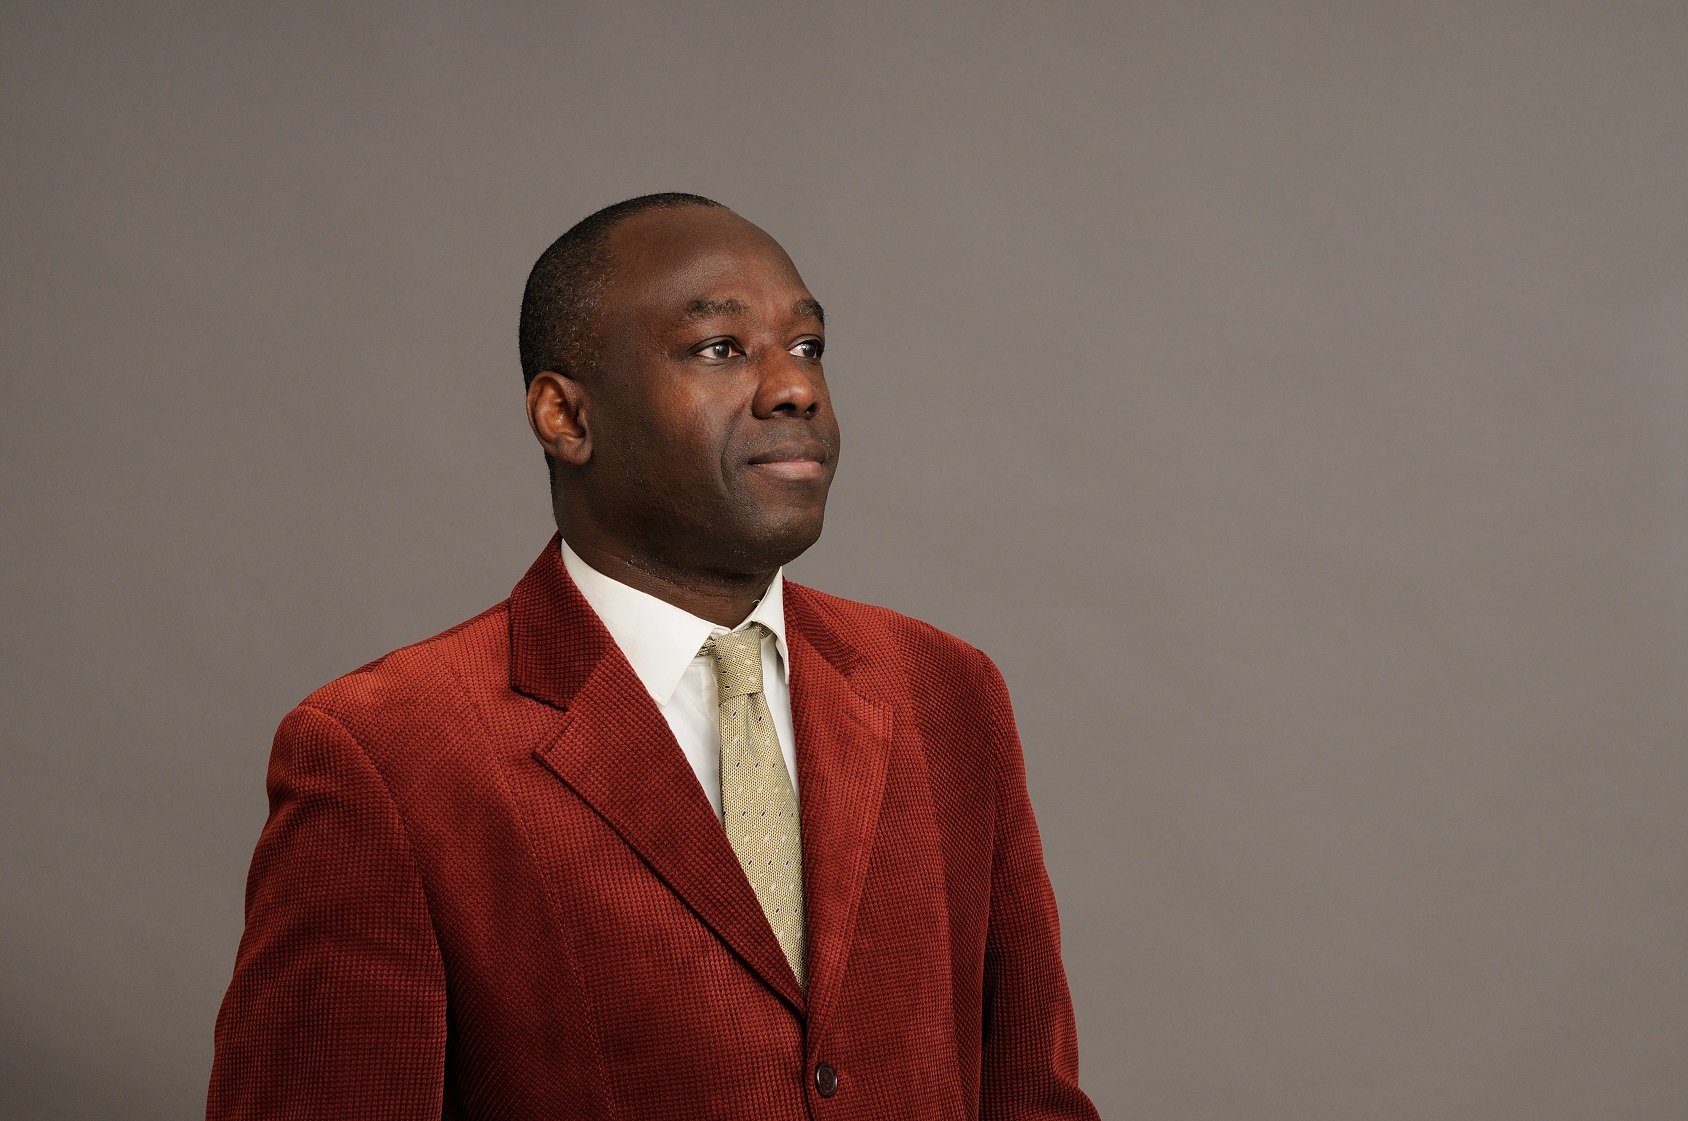 Ibrahima BAH, docteur en Sciences Économiques de l'Université de Montpellier I – auteur de manuels scolaires et professionnels en Économie